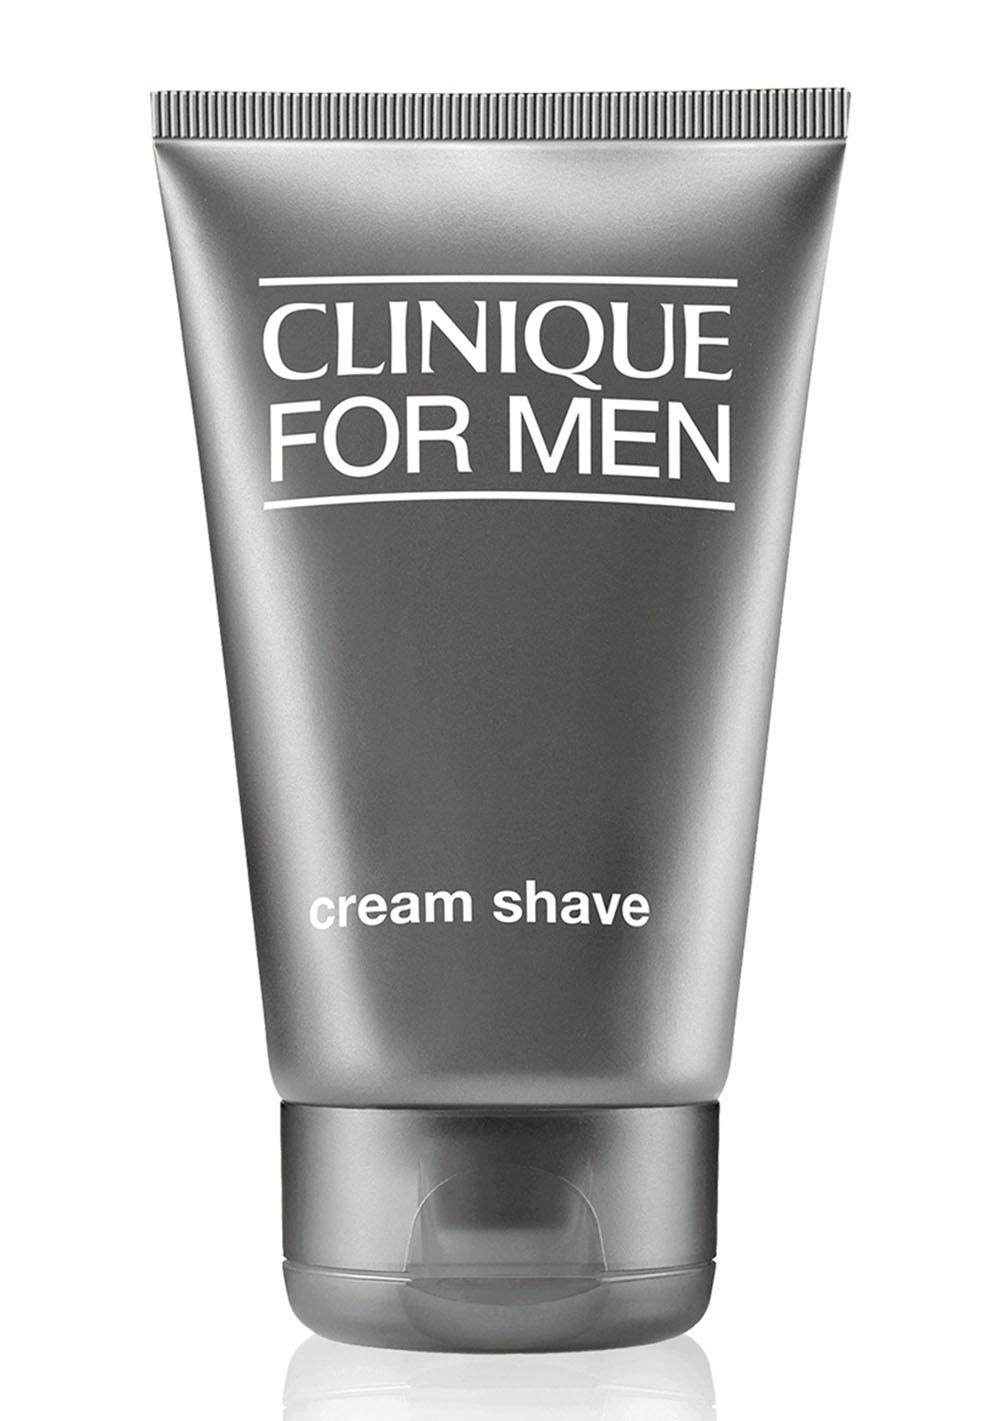 Les Meilleurs Produits de Rasage - Clinique Skin Supplies for Men Cream Shave